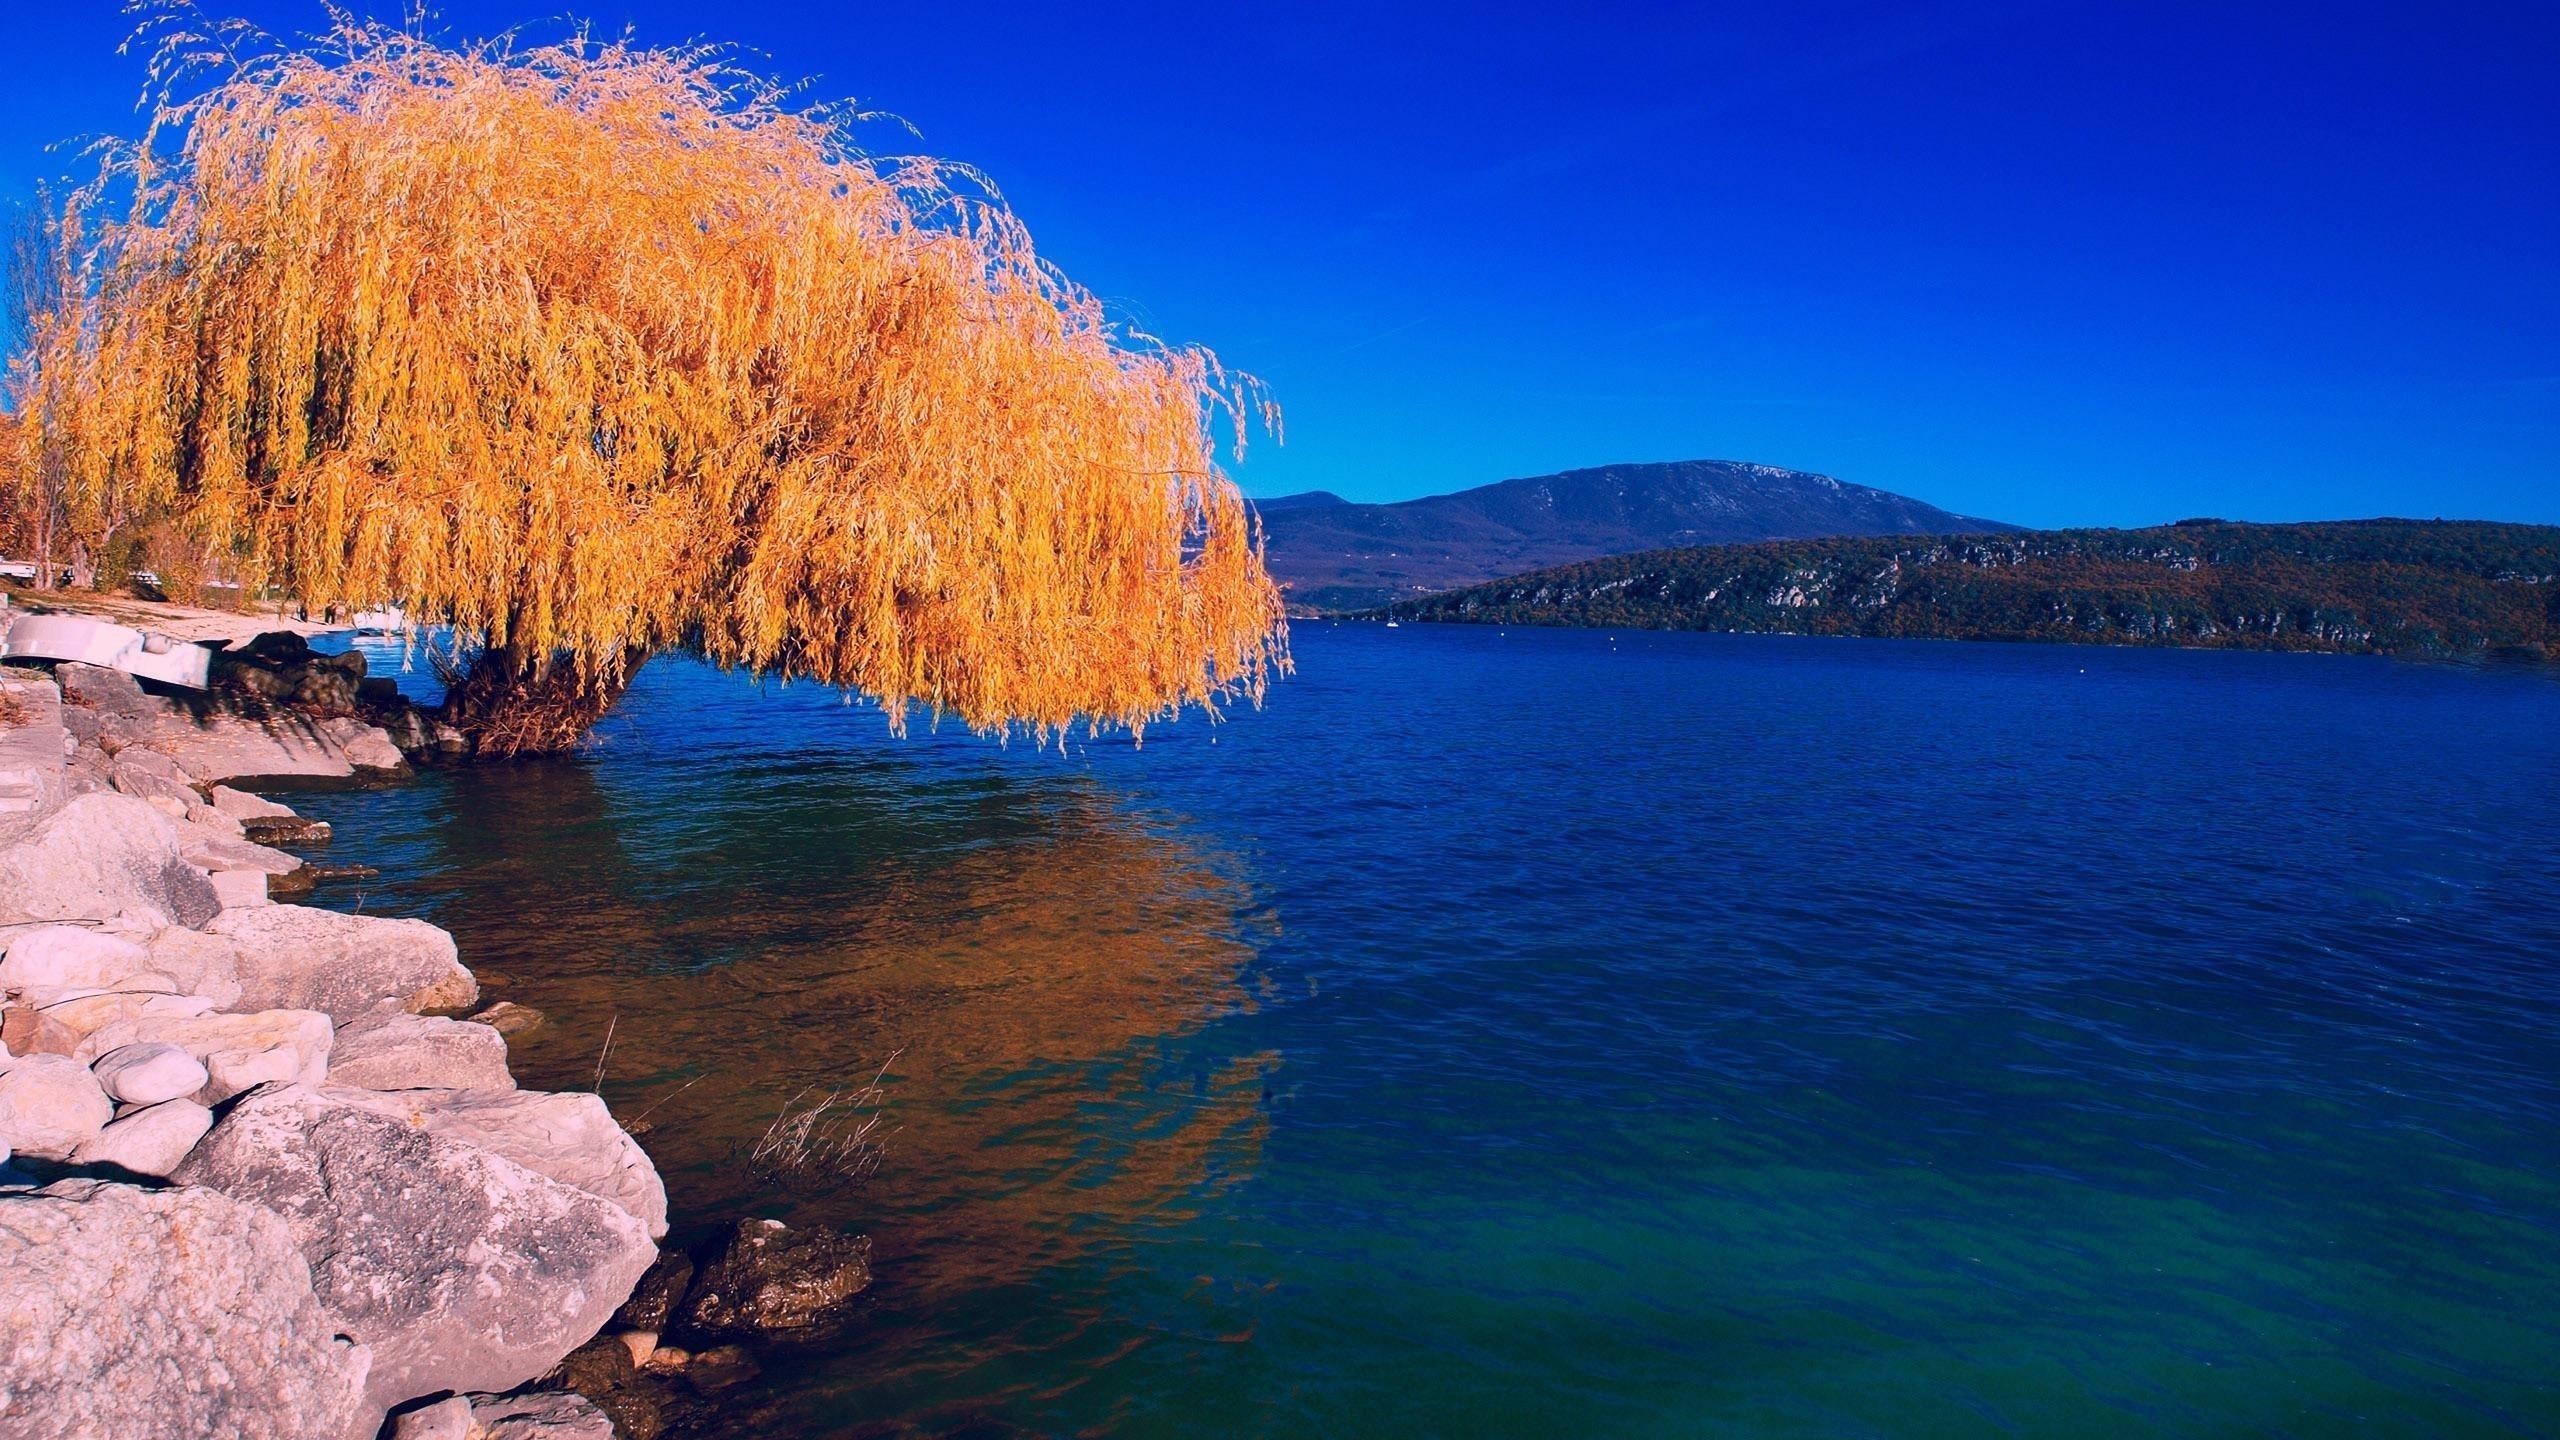 Желтые листья ветви дерева отражение на воде скалы темно-синее небо фон природа обои скачать